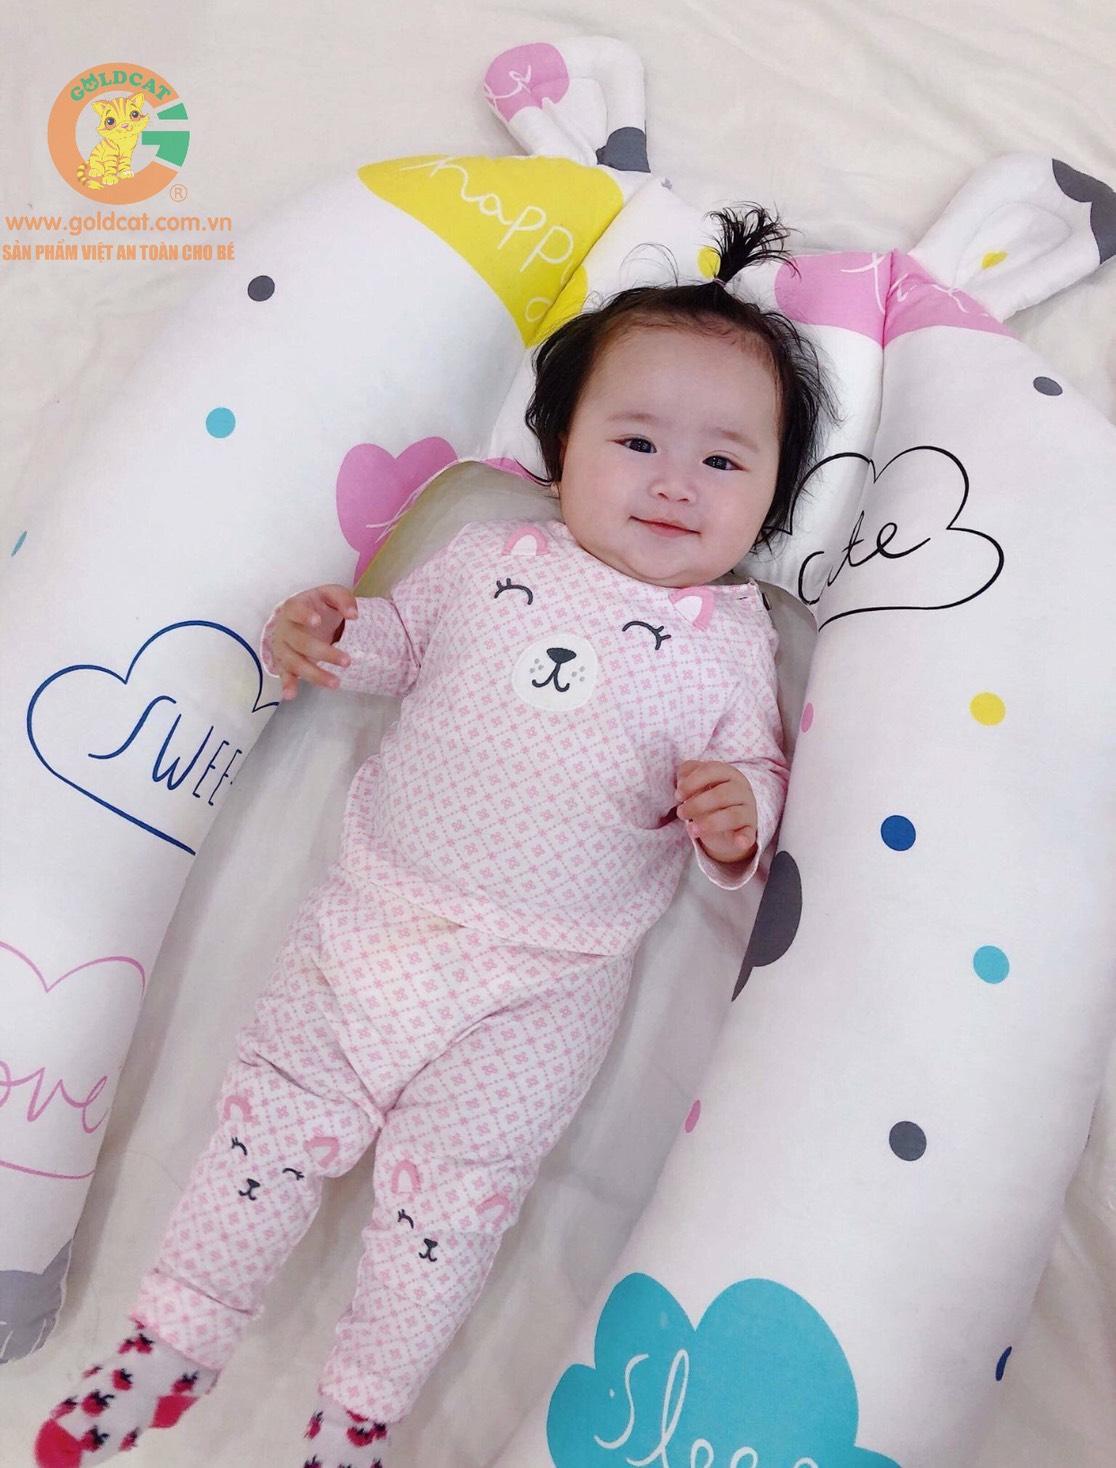 Gối chặn ôm tai gấu cho bé GoldCat cho bé ngủ ngon Nhật Bản